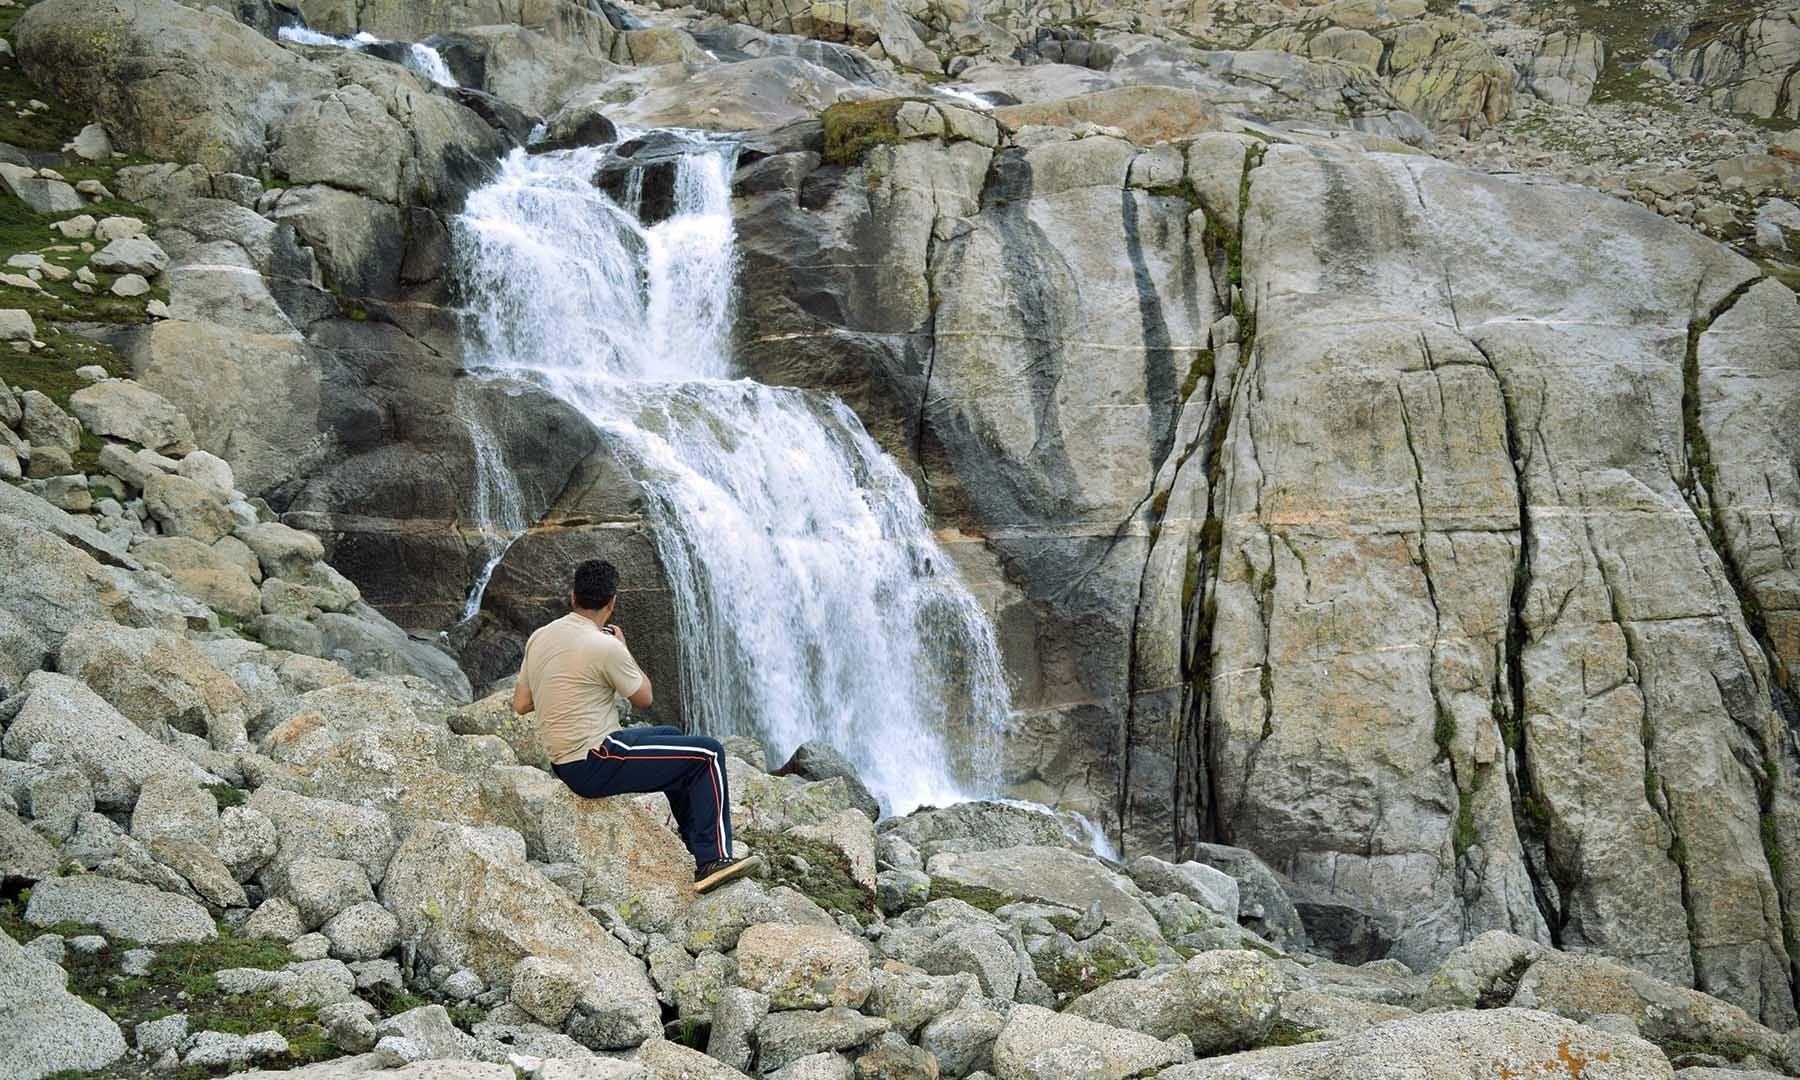 شیطان گوٹ جھیل کا پانی آبشار کی شکل میں نیچے آ رہا ہے — تصویر امجد علی سحاب